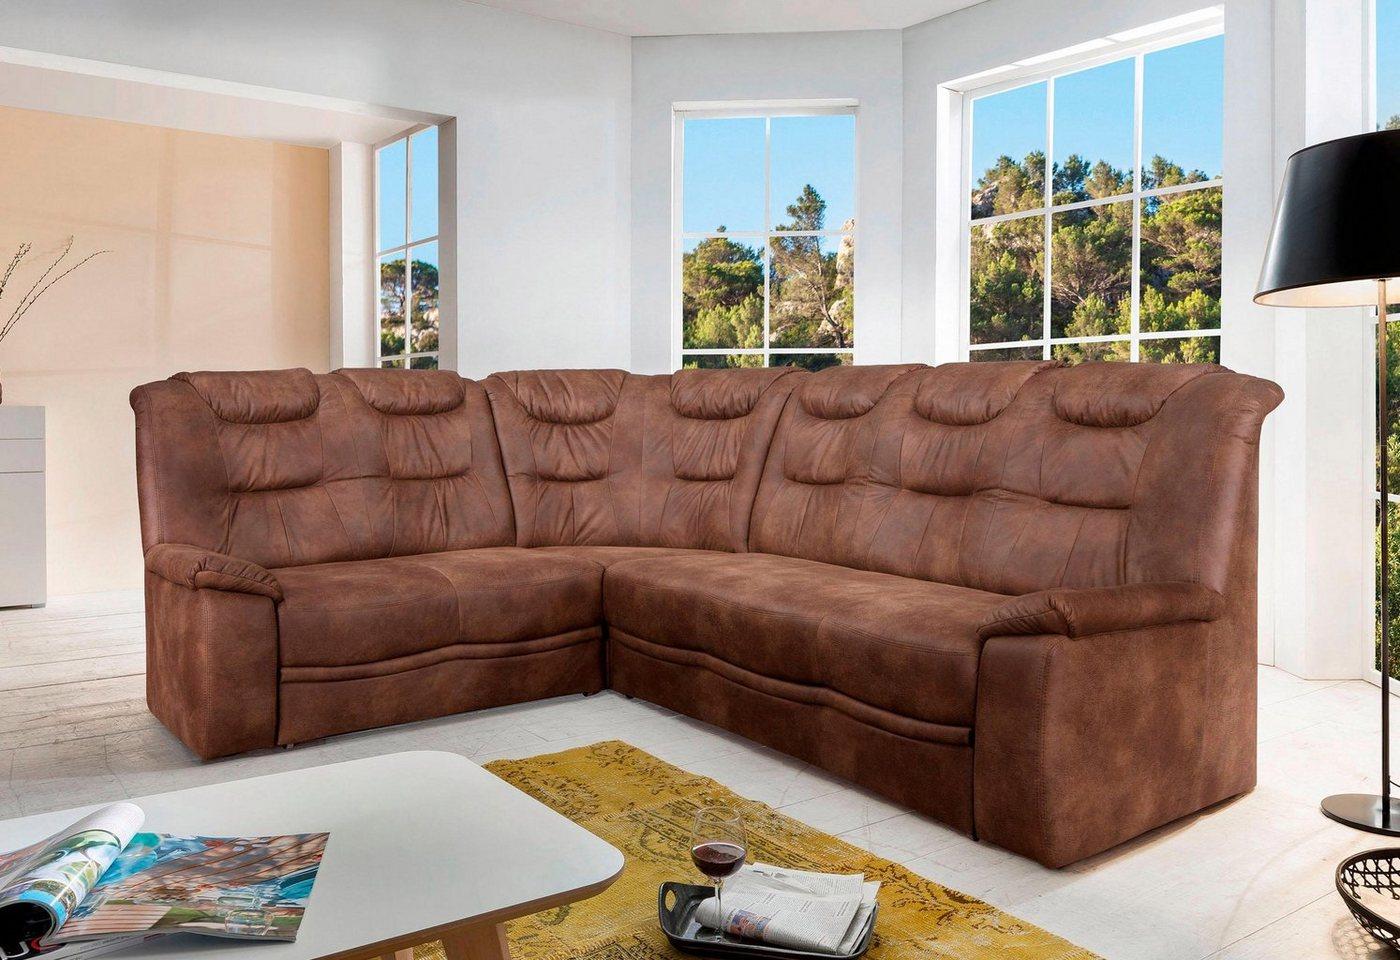 HOME AFFAIRE hoekbank Grande, in een klassiek design, met binnenvering, slaapfunctie + bedkist